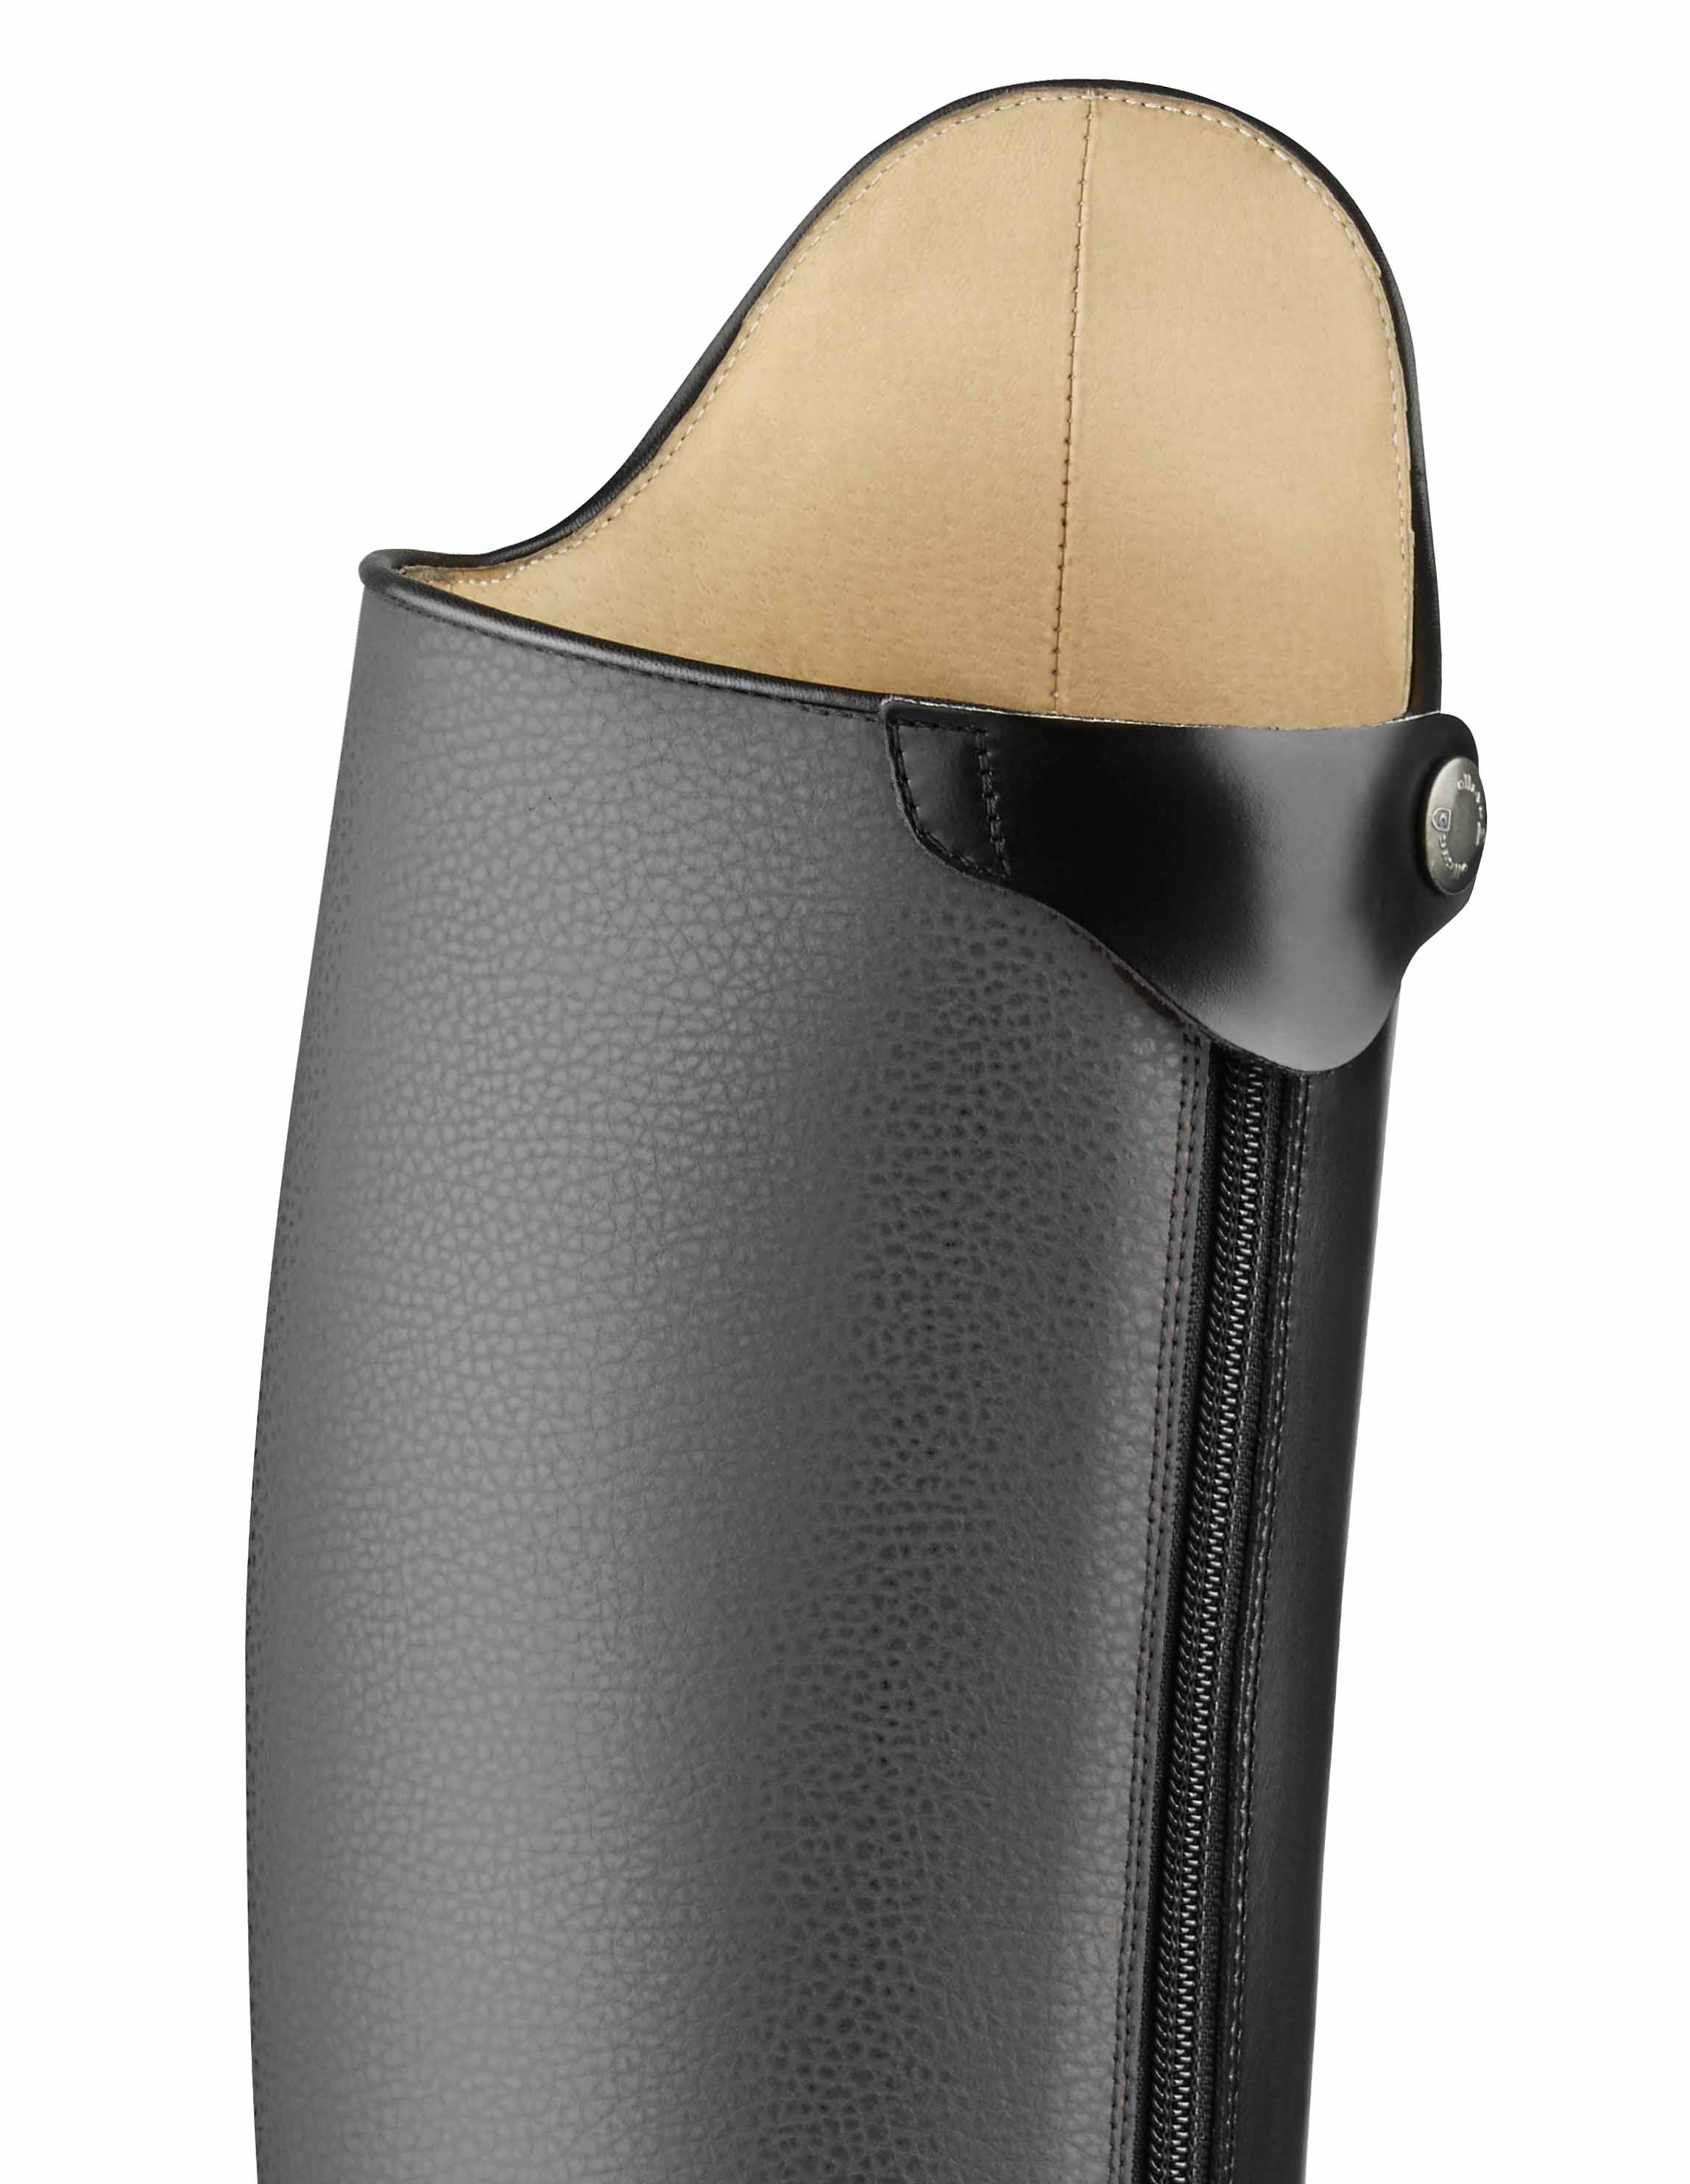 Cavallo-Haftleder-schwarz